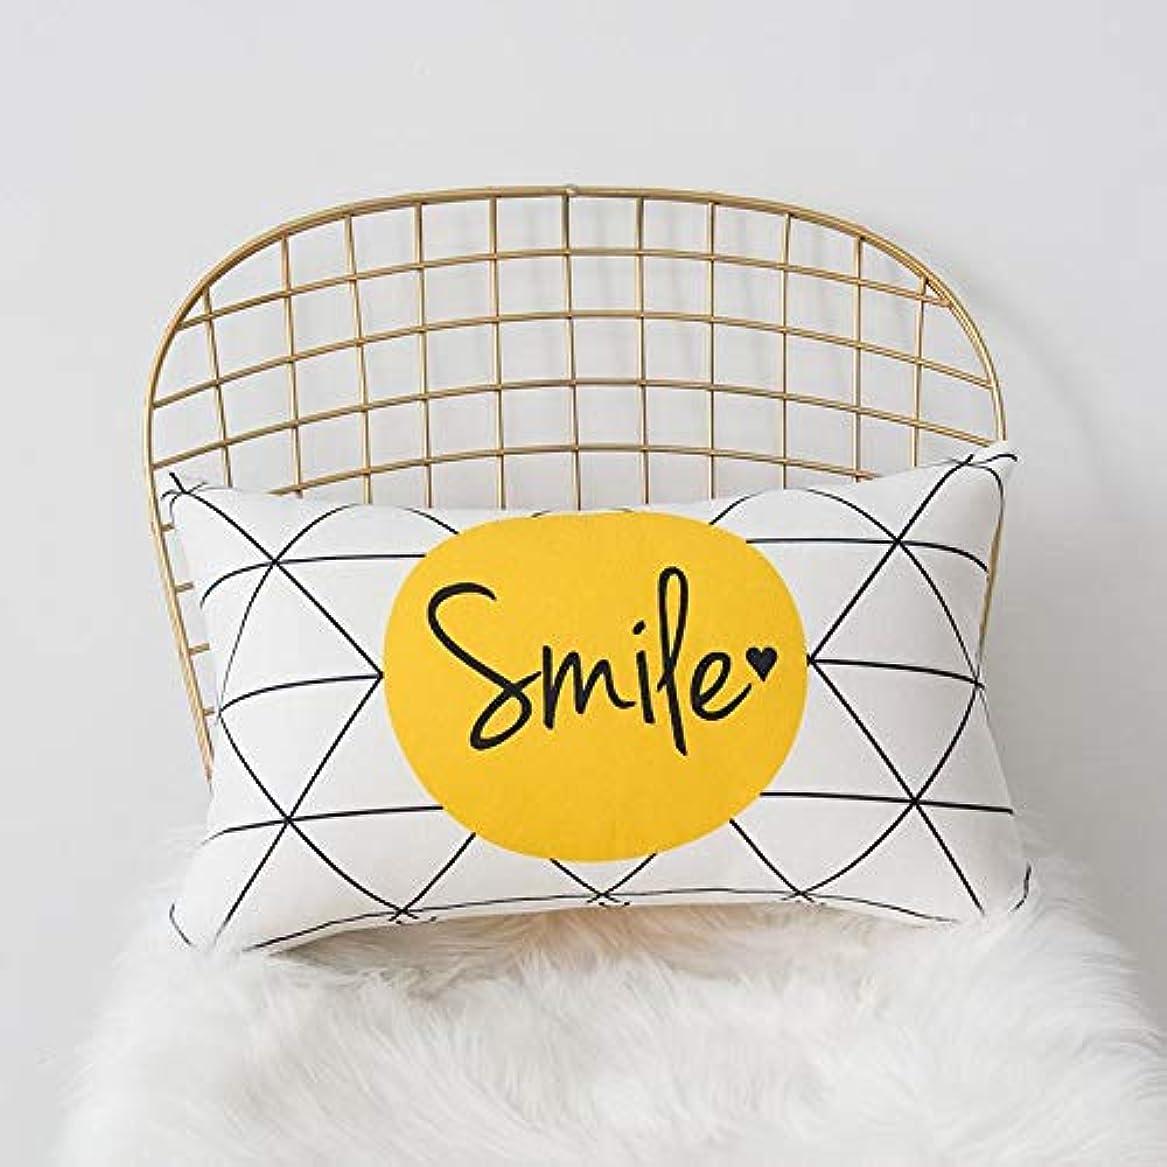 毎週マティス租界LIFE 黄色グレー枕北欧スタイル黄色ヘラジカ幾何枕リビングルームのインテリアソファクッション Cojines 装飾良質 クッション 椅子